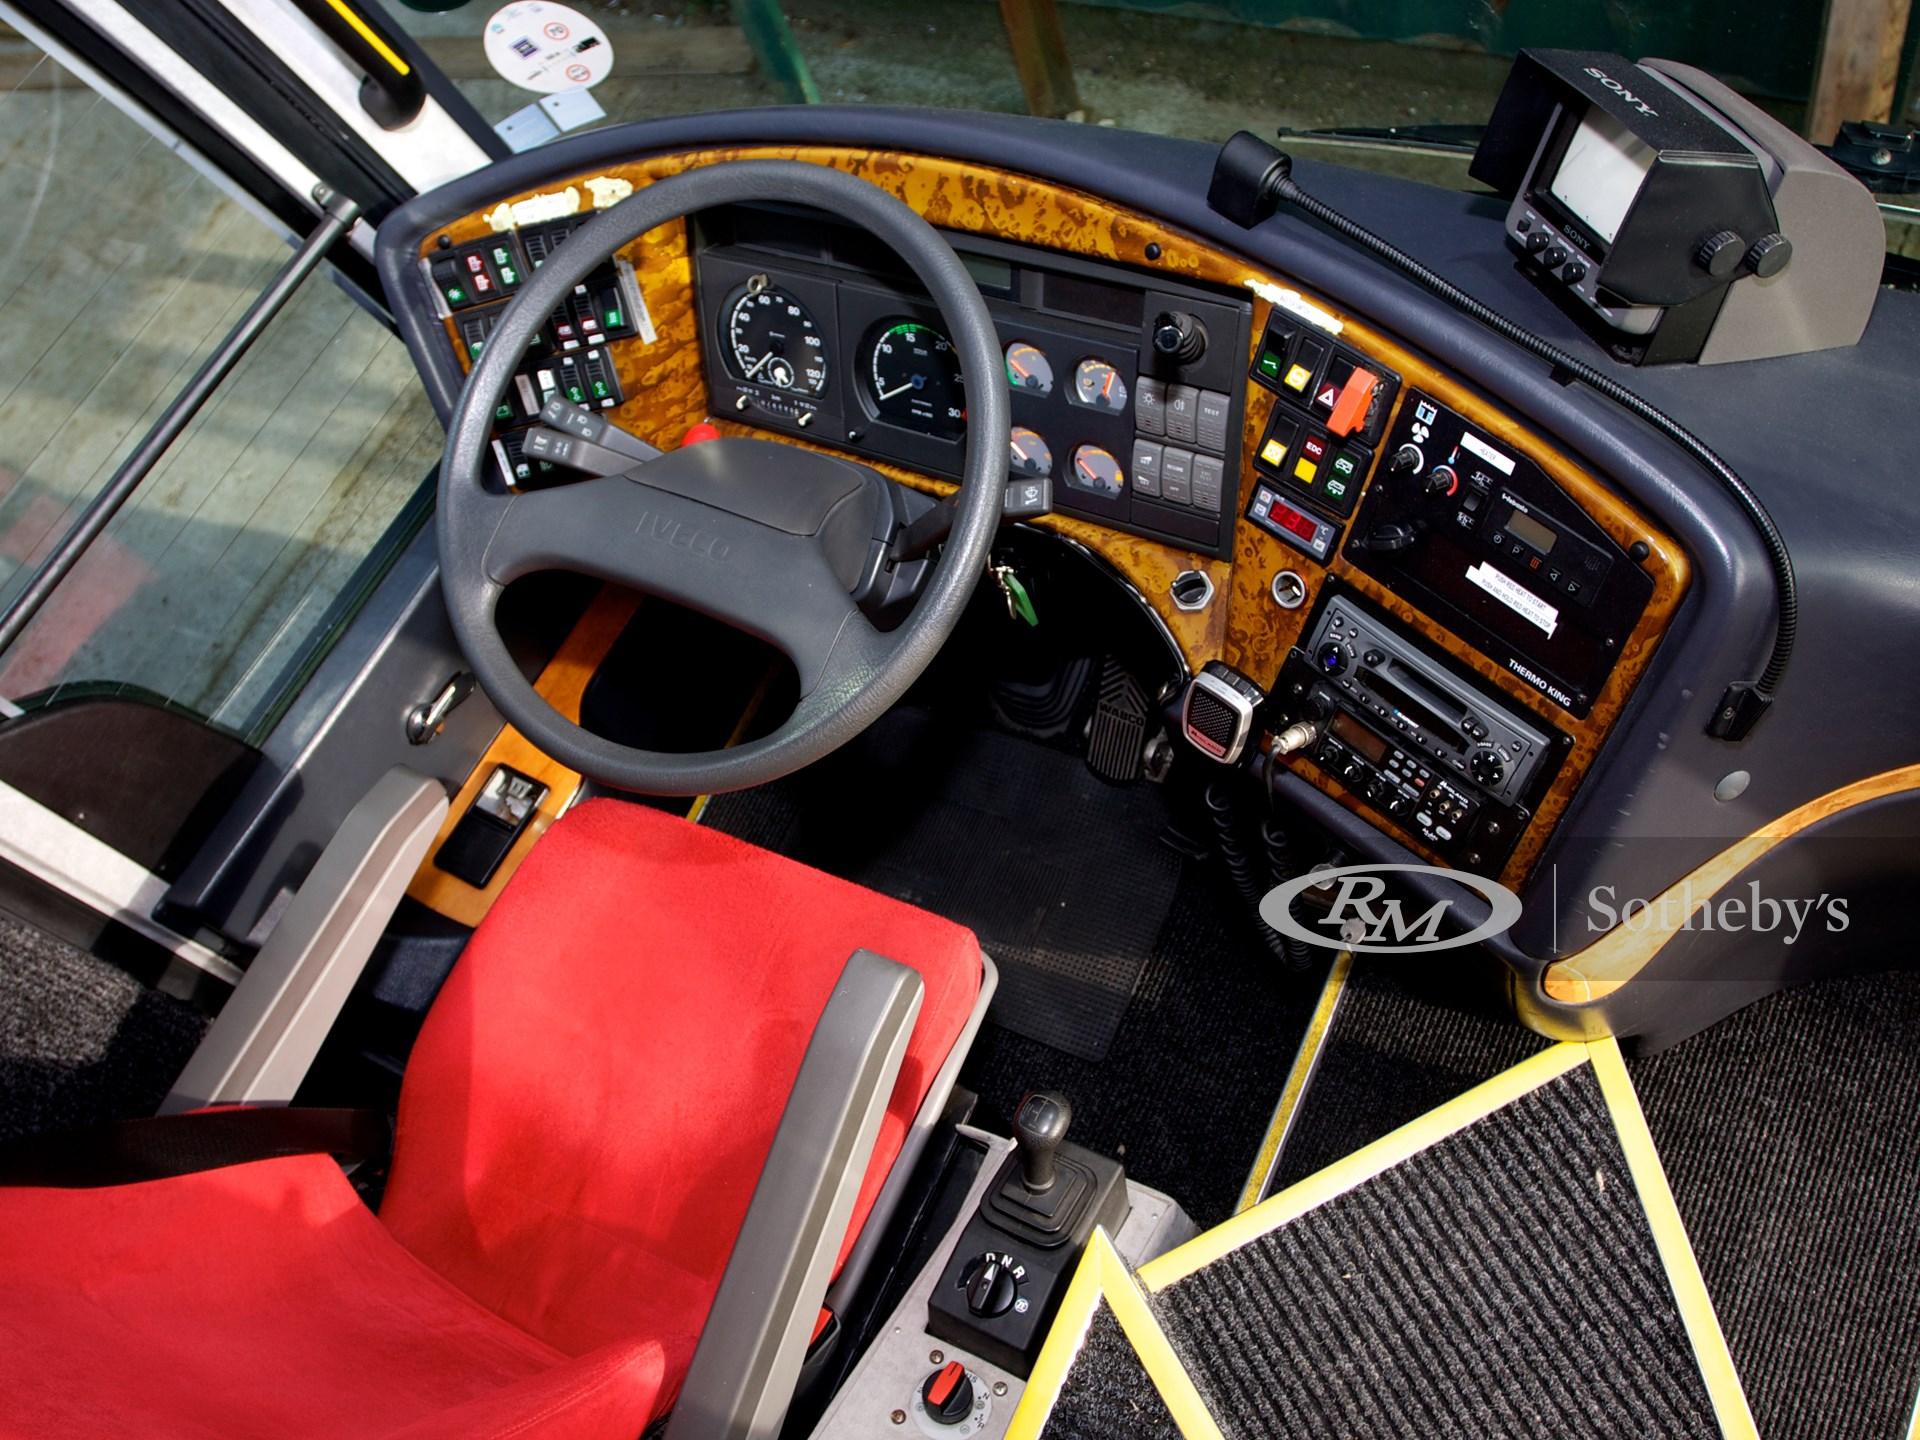 2001 Iveco Domino HDH Orlandi Scuderia Ferrari F1 Driver's Coach  -